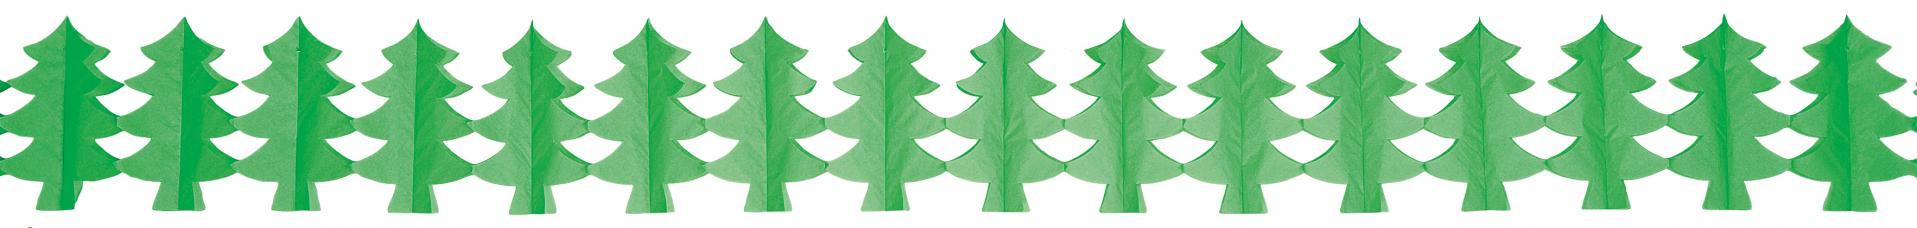 guirlande sapin vert en papier ignifuge